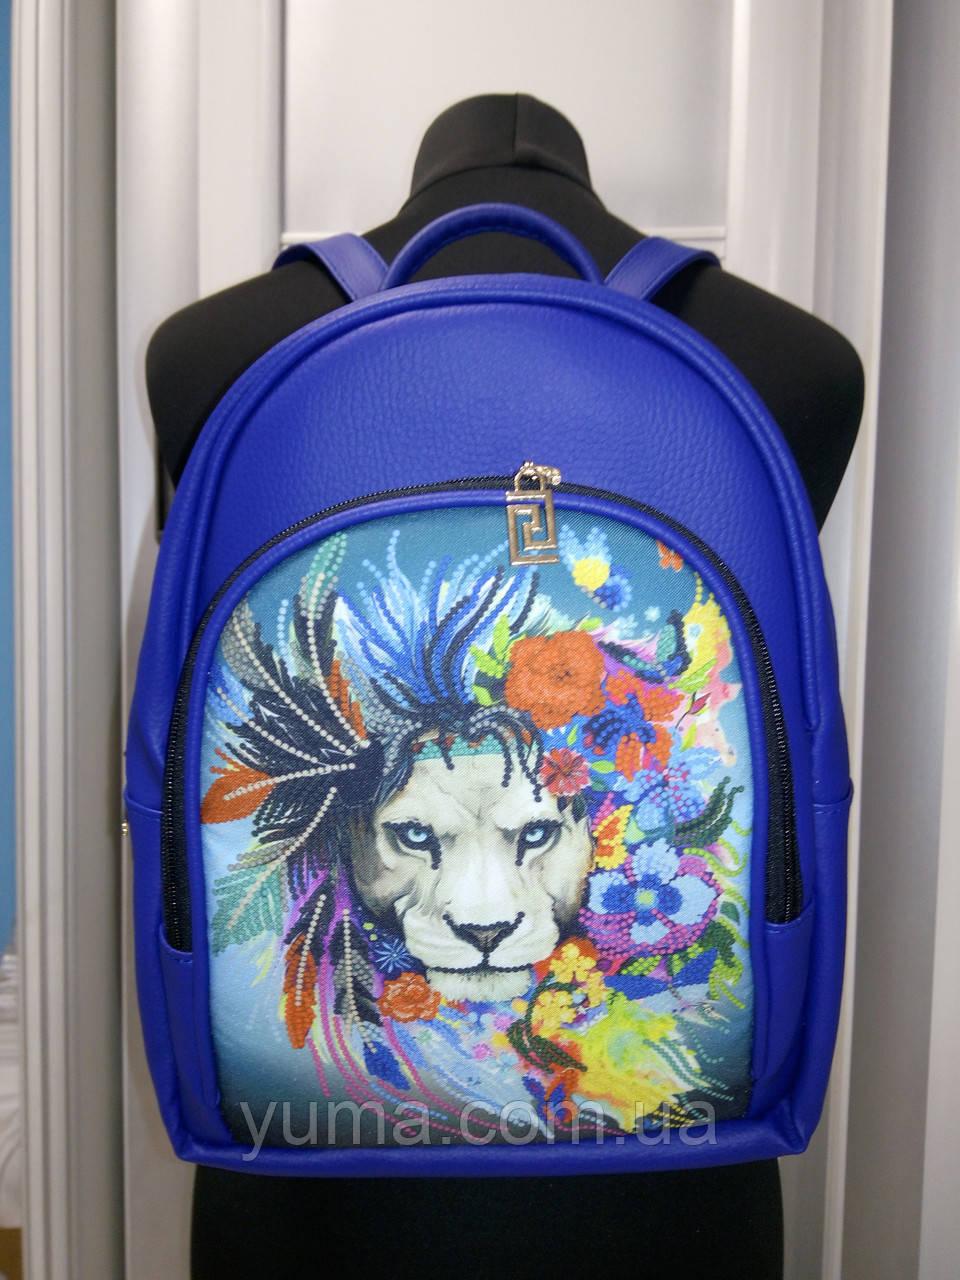 Сумка-рюкзак для вышивки бисером   Рюкзак Модель 2 С14 синий или черный кожзам